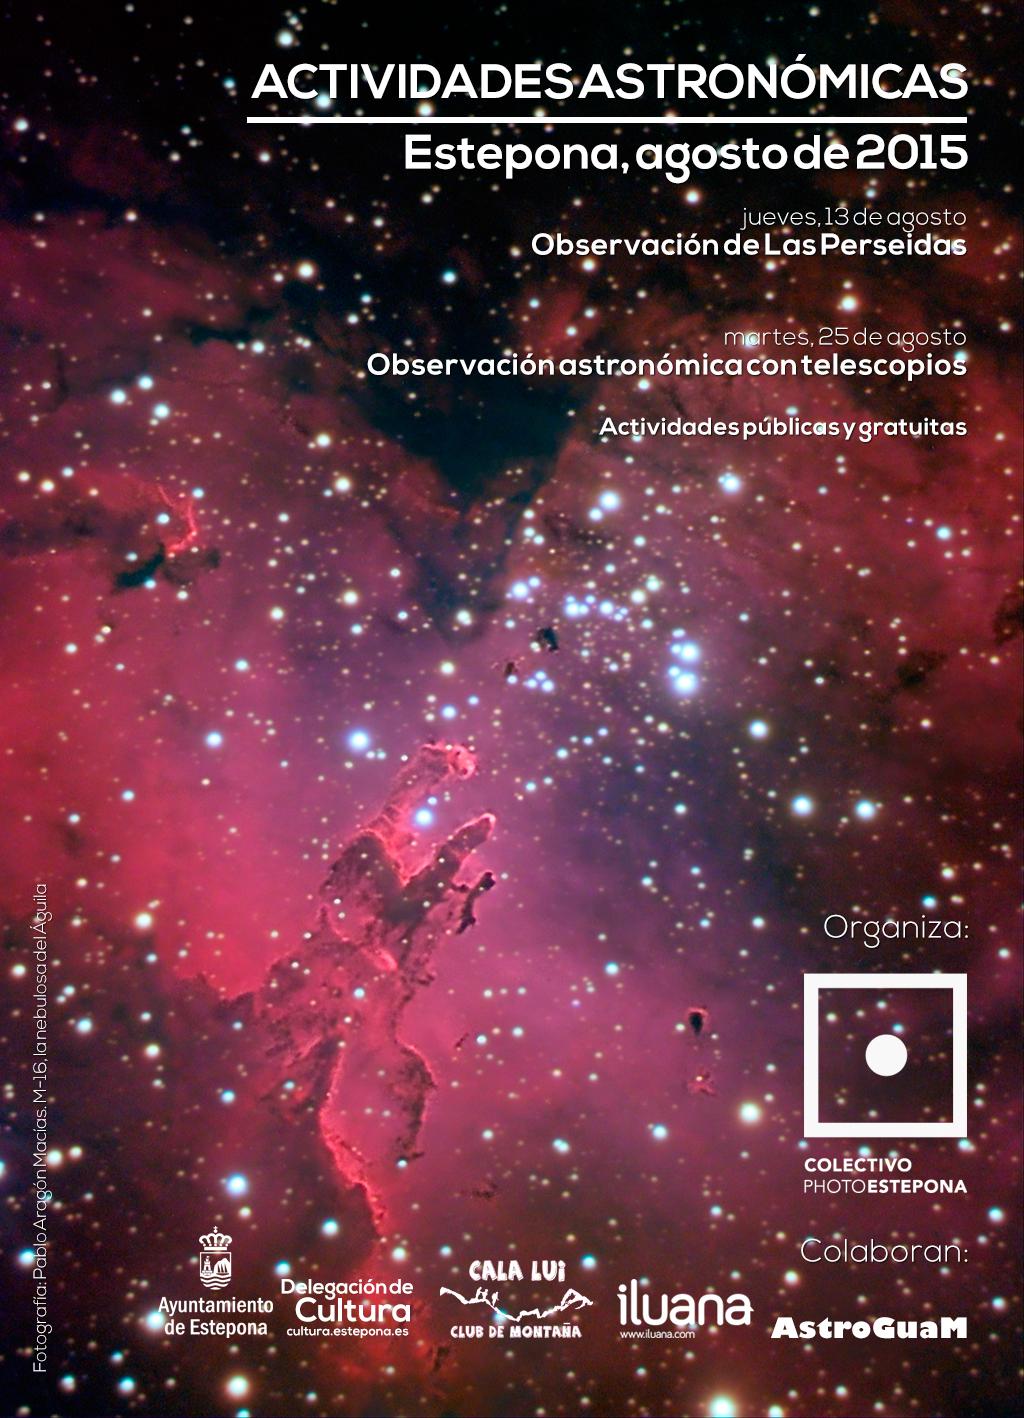 Observaciones astronómicas agosto